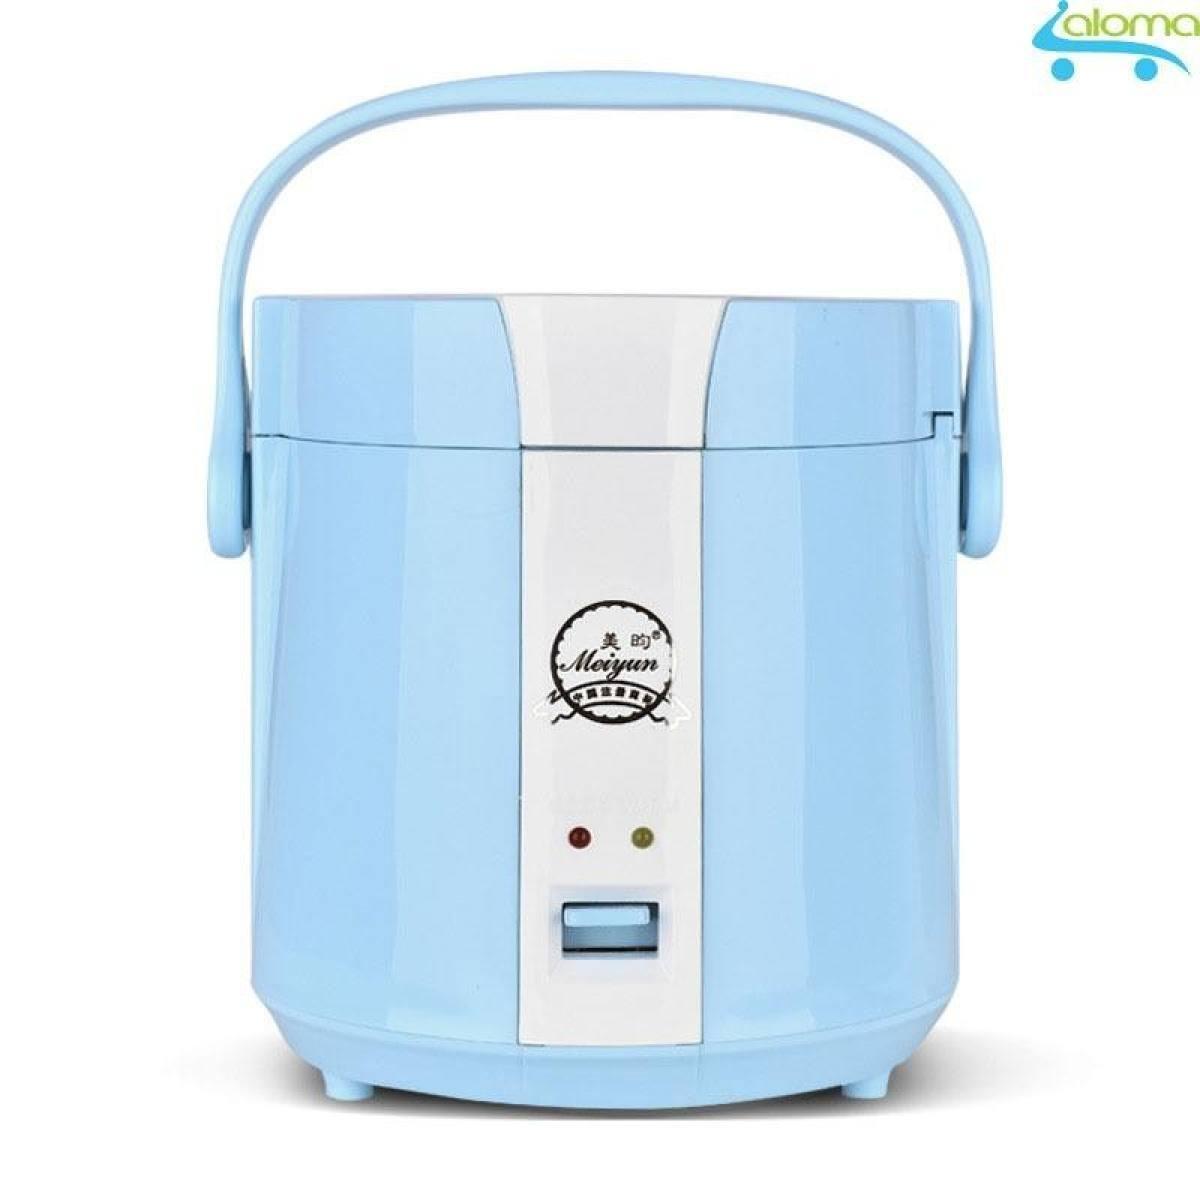 Nồi cơm điện mini 1.2L Meiyun B12-A nấu cơm hâm nóng nấu cháo hầm xương (màu xanh)